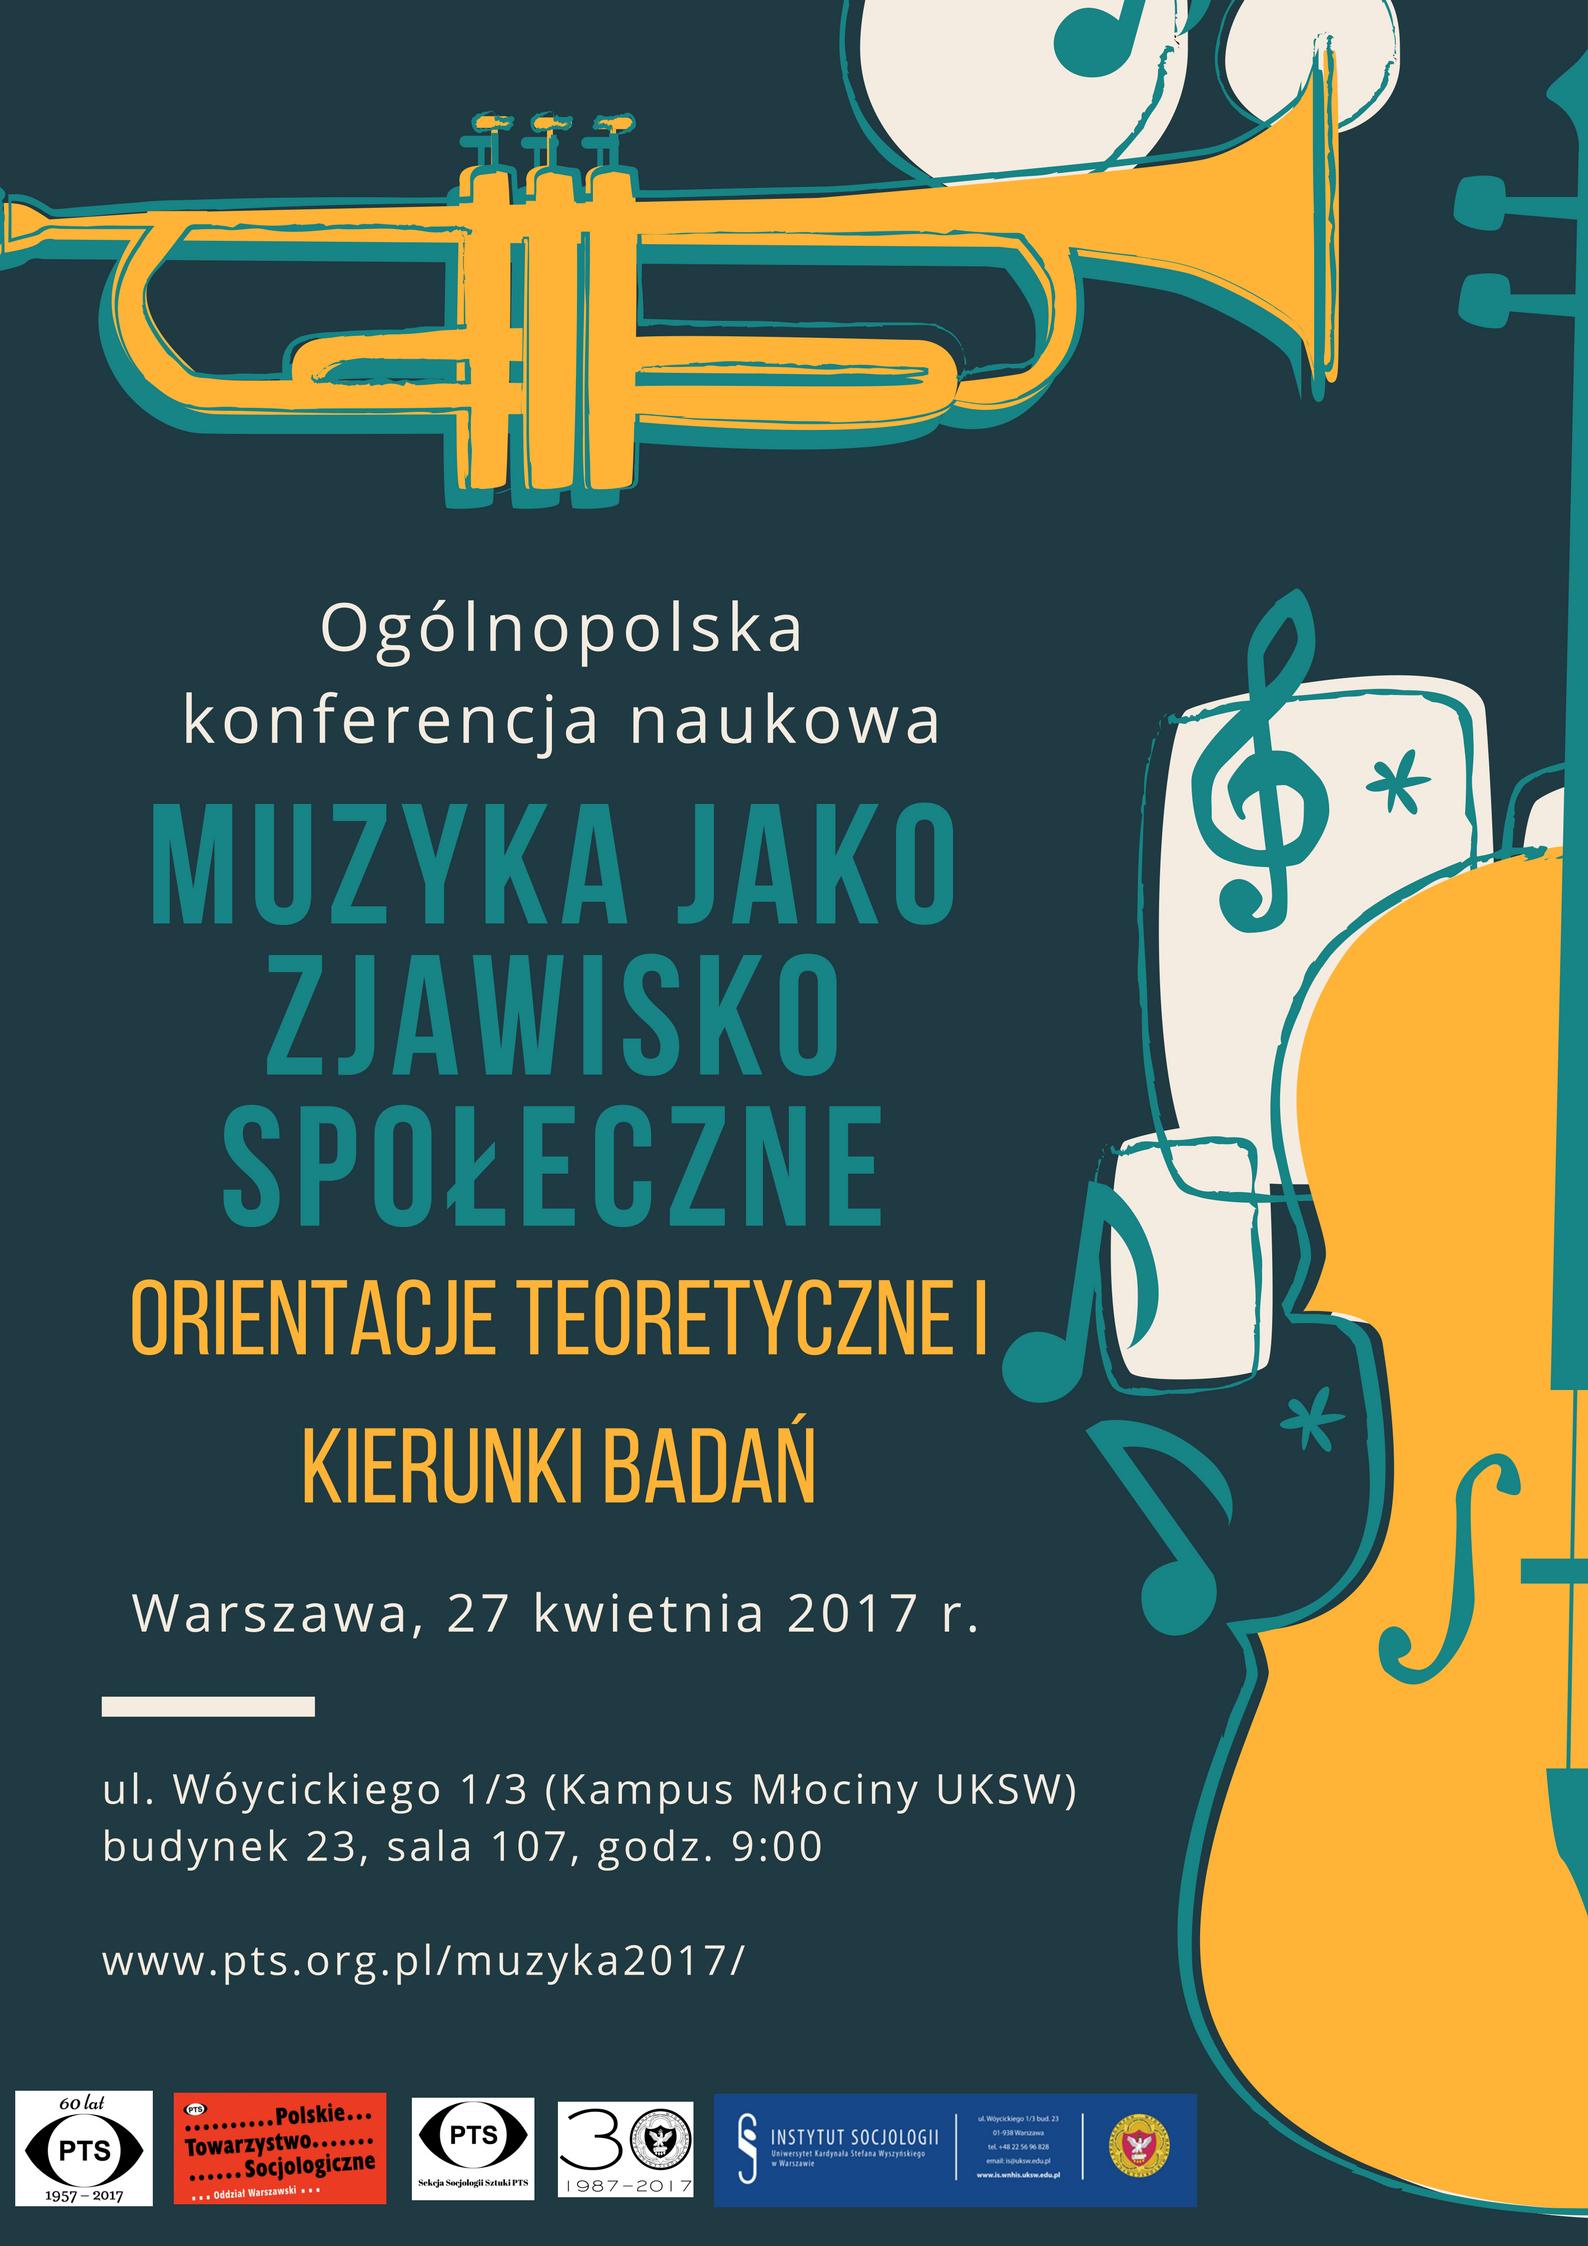 Muzyka poster (2)